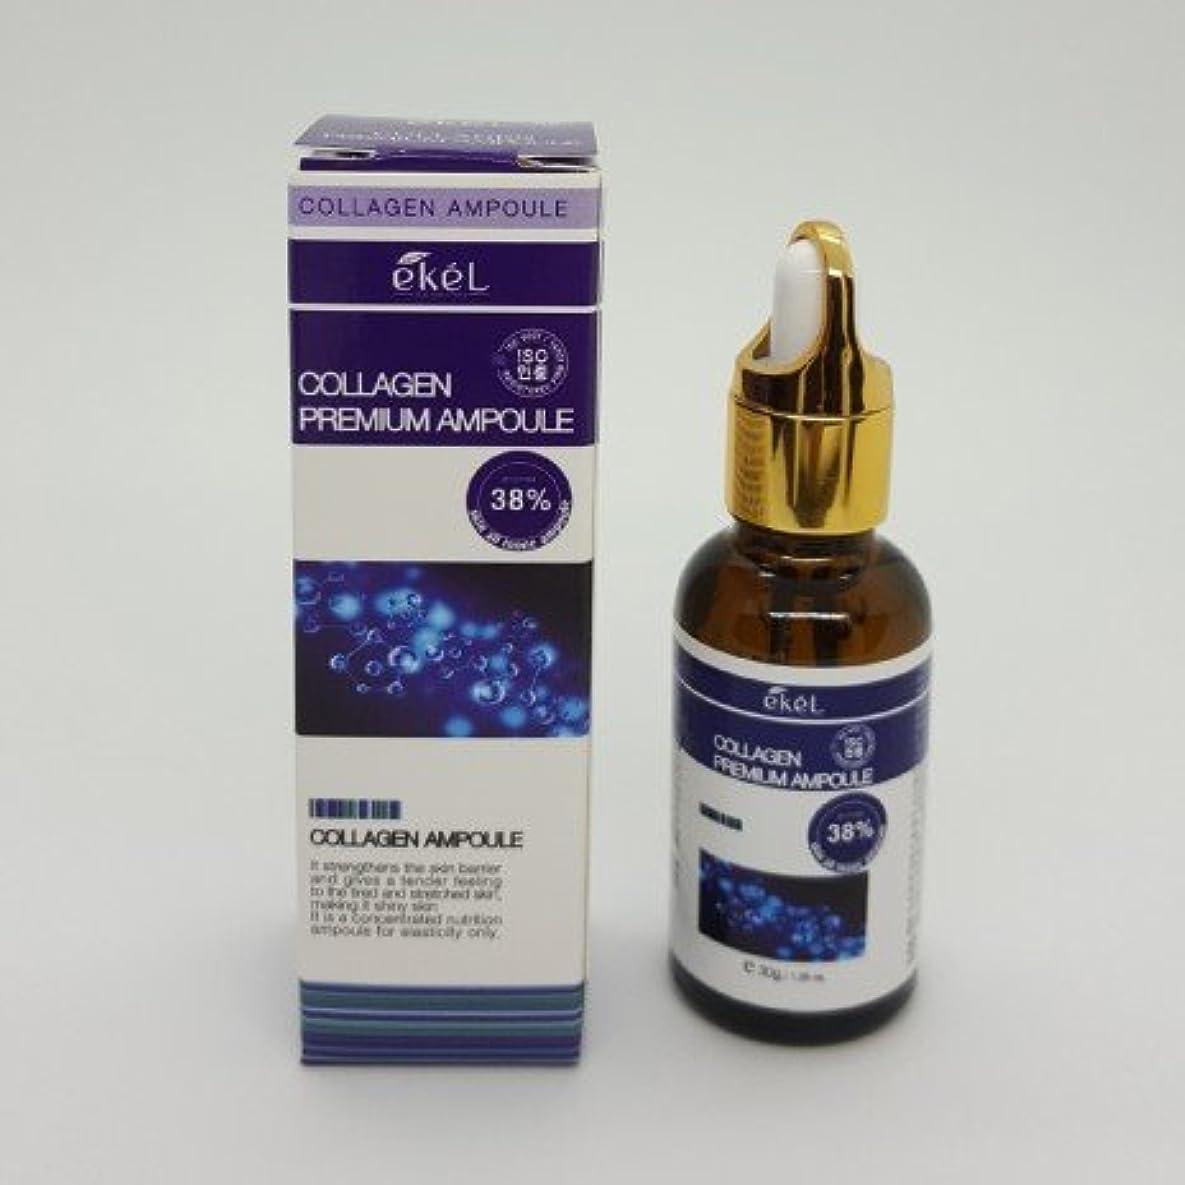 騒予言する株式会社[EKEL] Collagen Premium Ampoule 38% - 30g